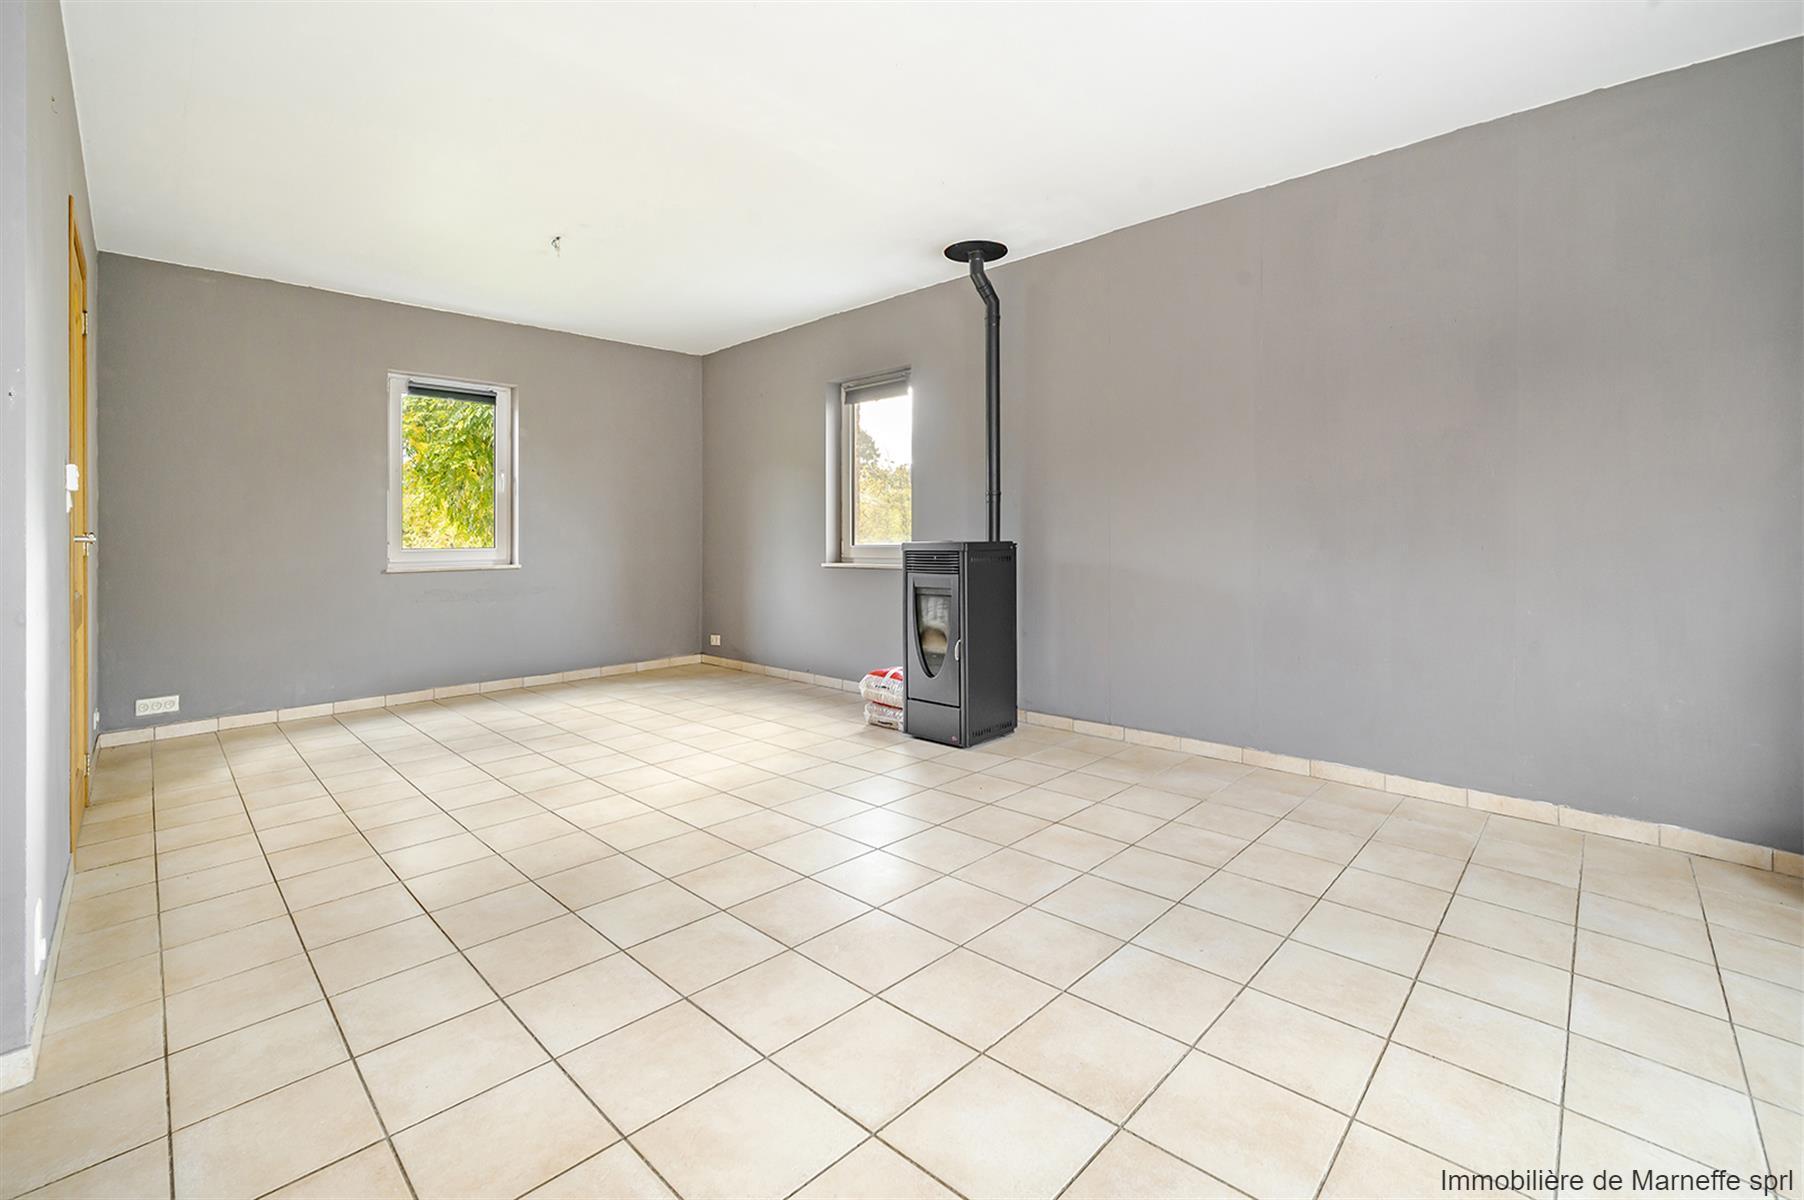 Maison - Villers-le-Bouillet - #4191827-8